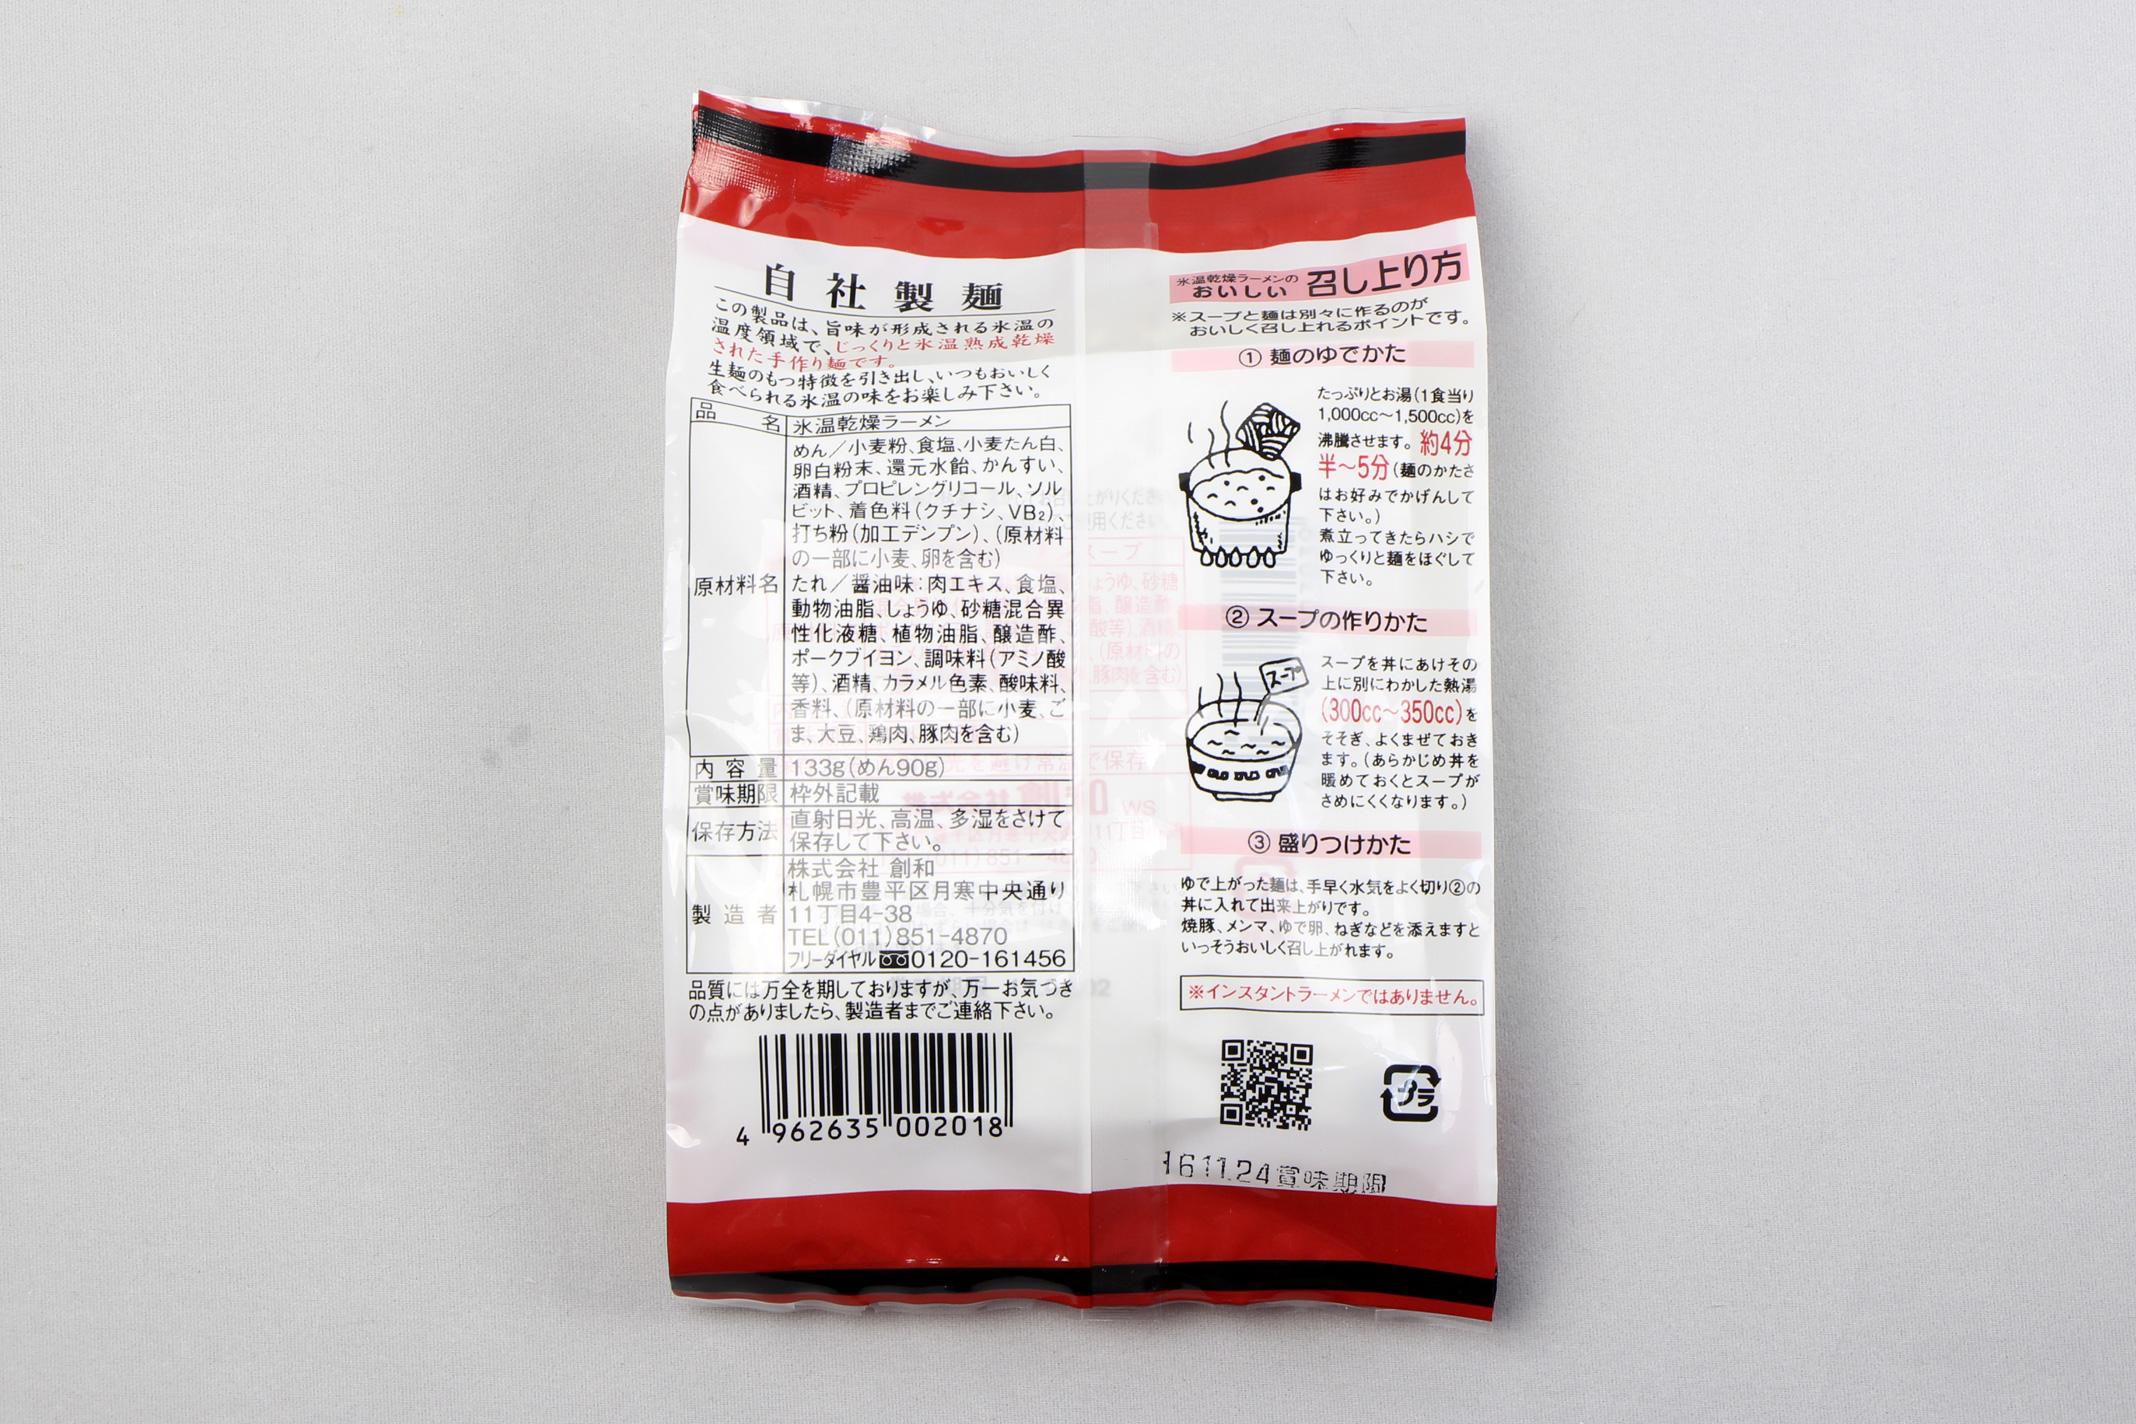 「氷温熟成乾燥ラーメン 玄咲(げんさく) 正油味」(創和)のパッケージ(裏)